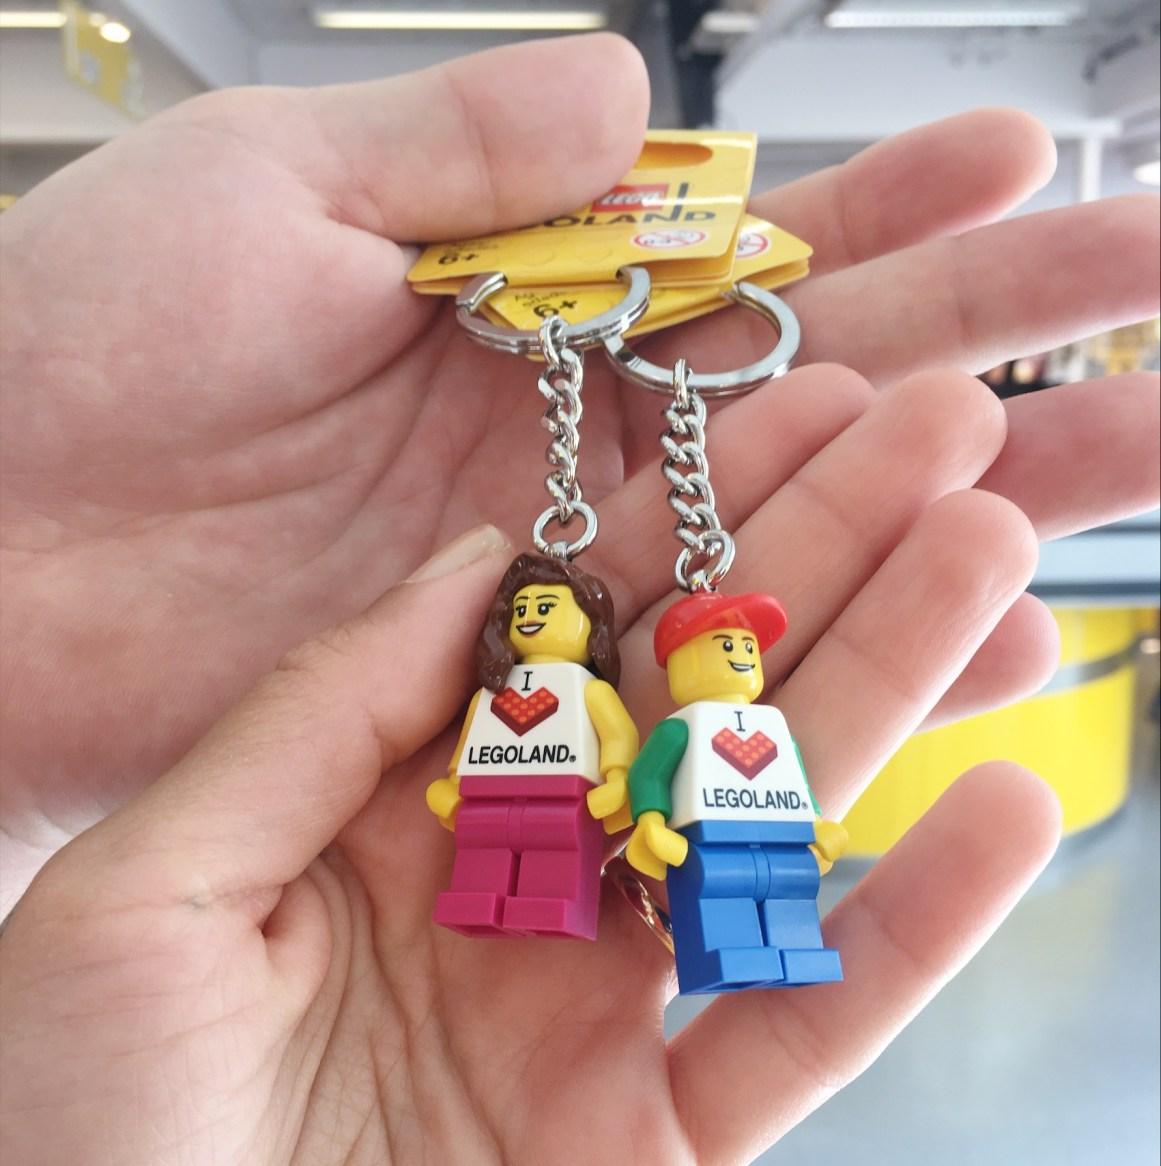 Legoland outlet store 🛍